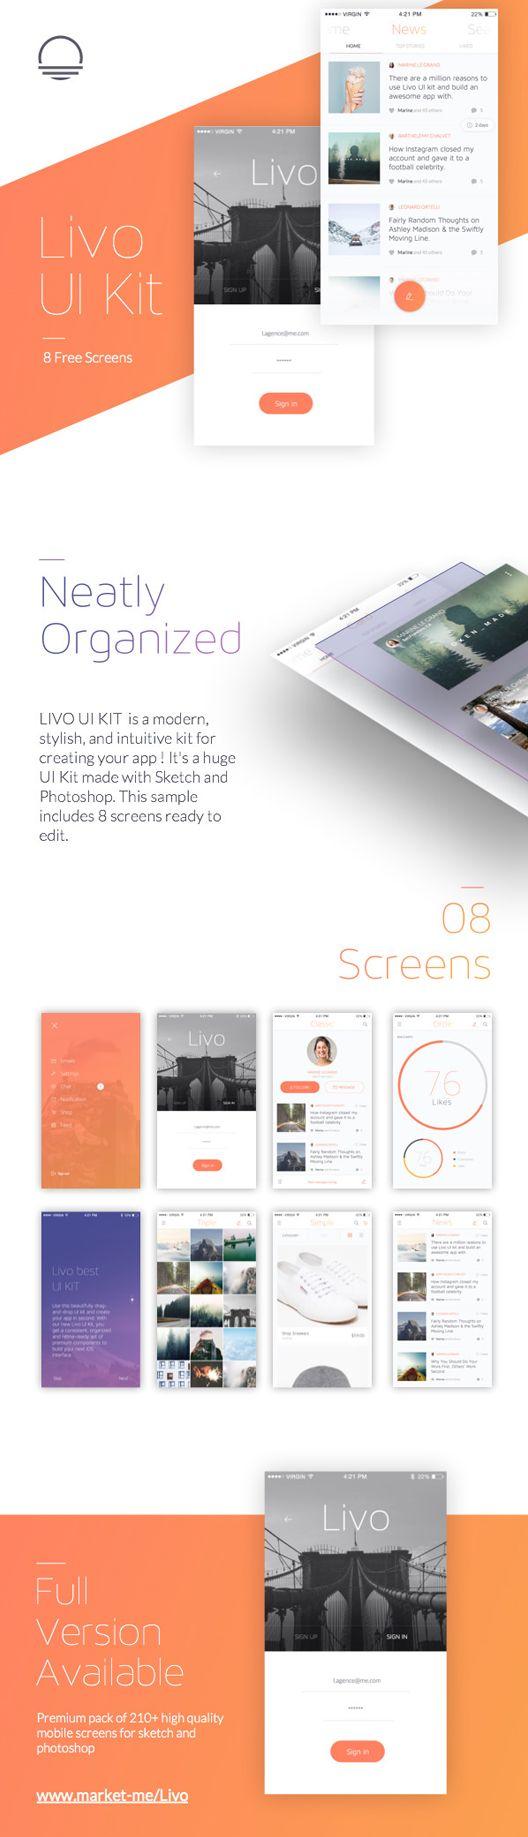 모바일 GUI 디자인소스 .PSD